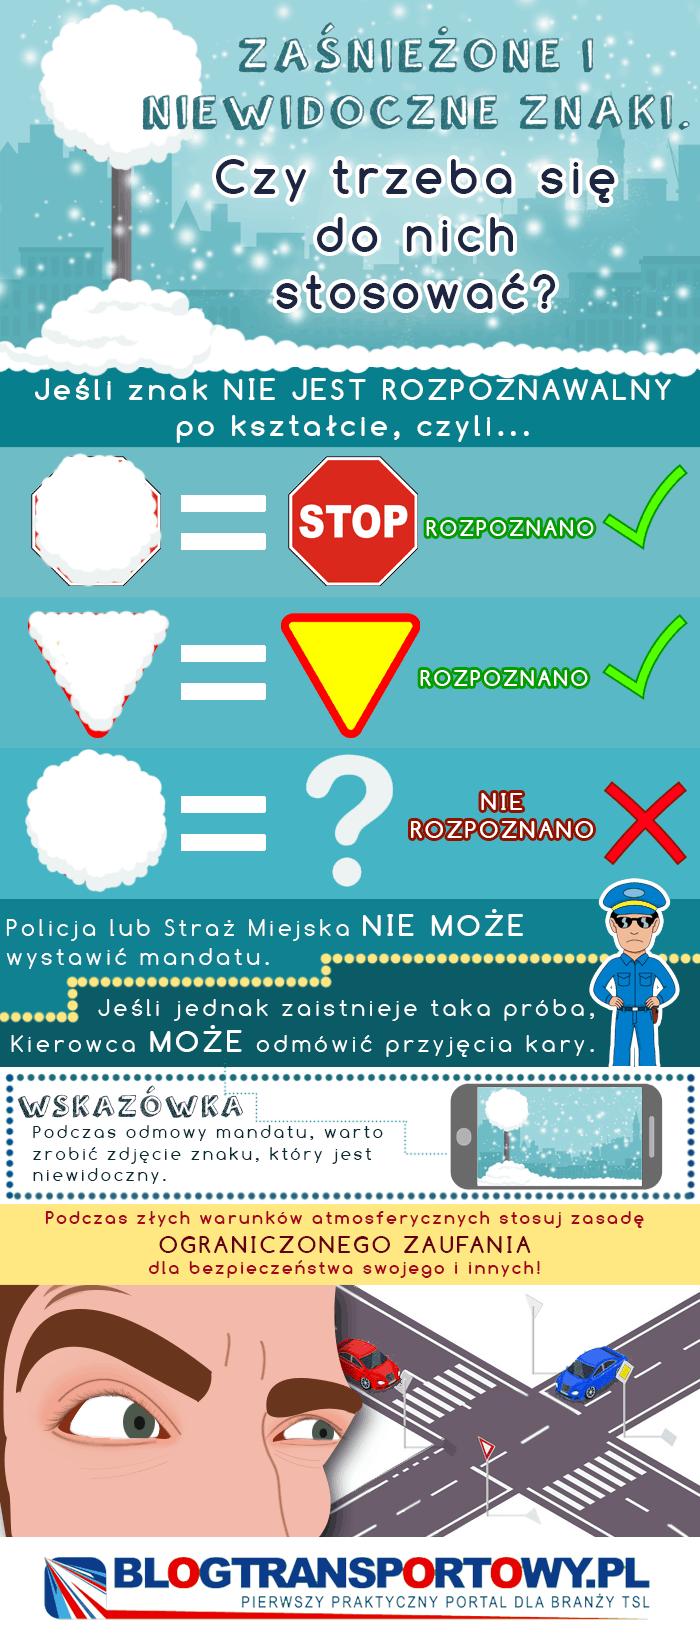 Niewidoczne znaki drogowe - czy trzeba się do nich stosować?